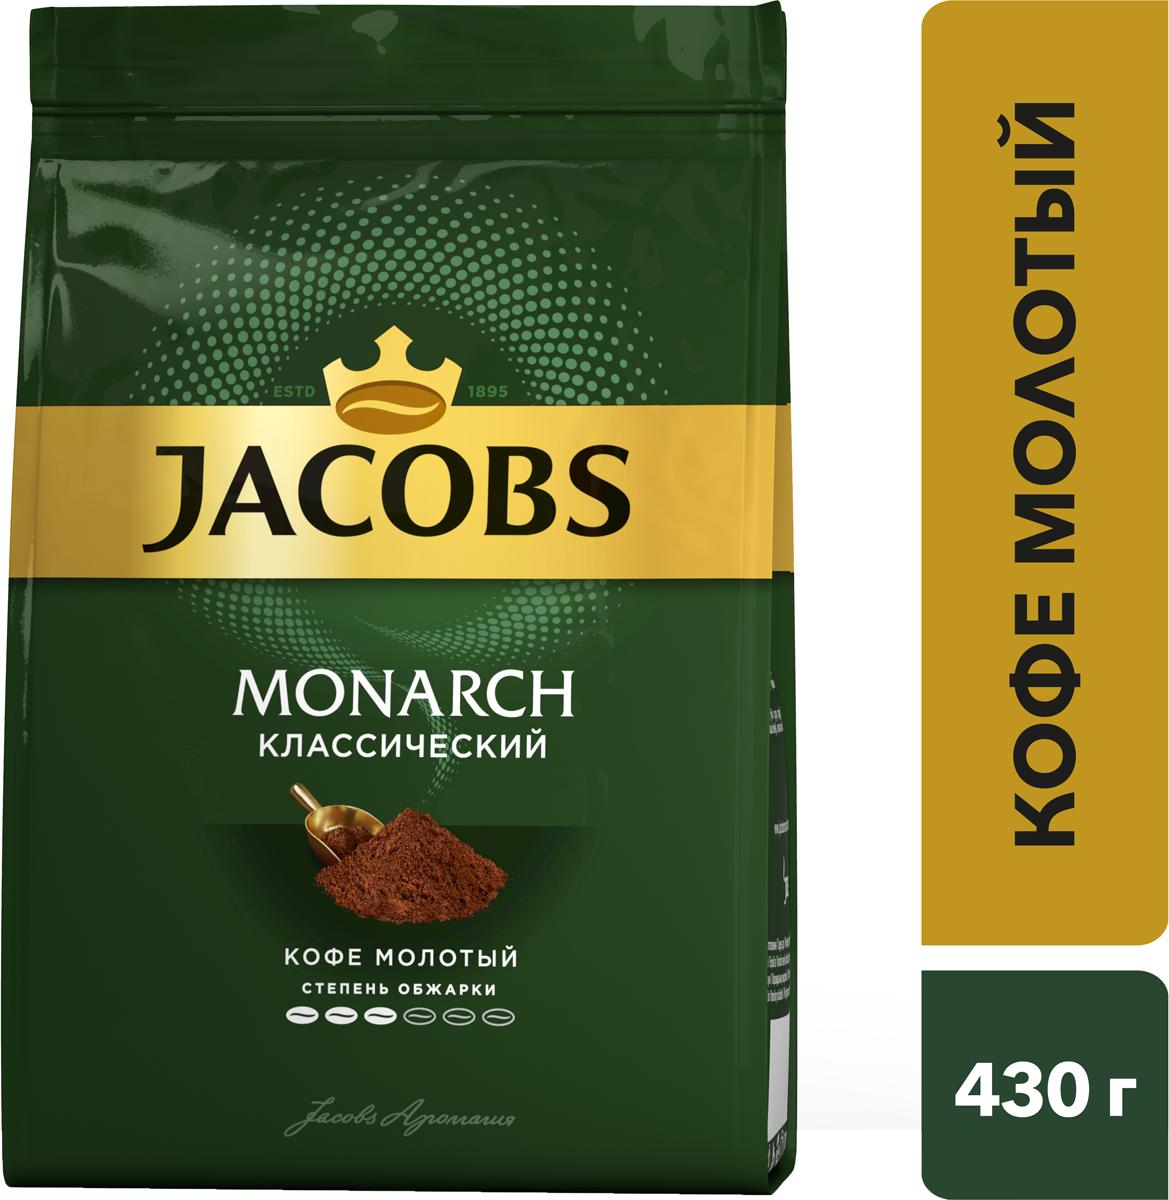 Jacobs Monarch кофе молотый, 430 г4251799Легендарный бренд Якобс начинает свою историю в 1895 году в Германии, когда предприниматель Йохан Якобс открыл на главной торговой улице Бремена новый специализированный кофейный магазин, который тут же завоевал популярность.Собственная кофейная жаровня привлекла еще больше ценителей этого изысканного напитка. Вот уже более 110 лет бренд Якобс Монарх внедряет инновации на рынке кофе, постоянно совершенствует технологии, что служит гарантией высокого качества и прекрасного вкуса.Кофе: мифы и факты. Статья OZON Гид